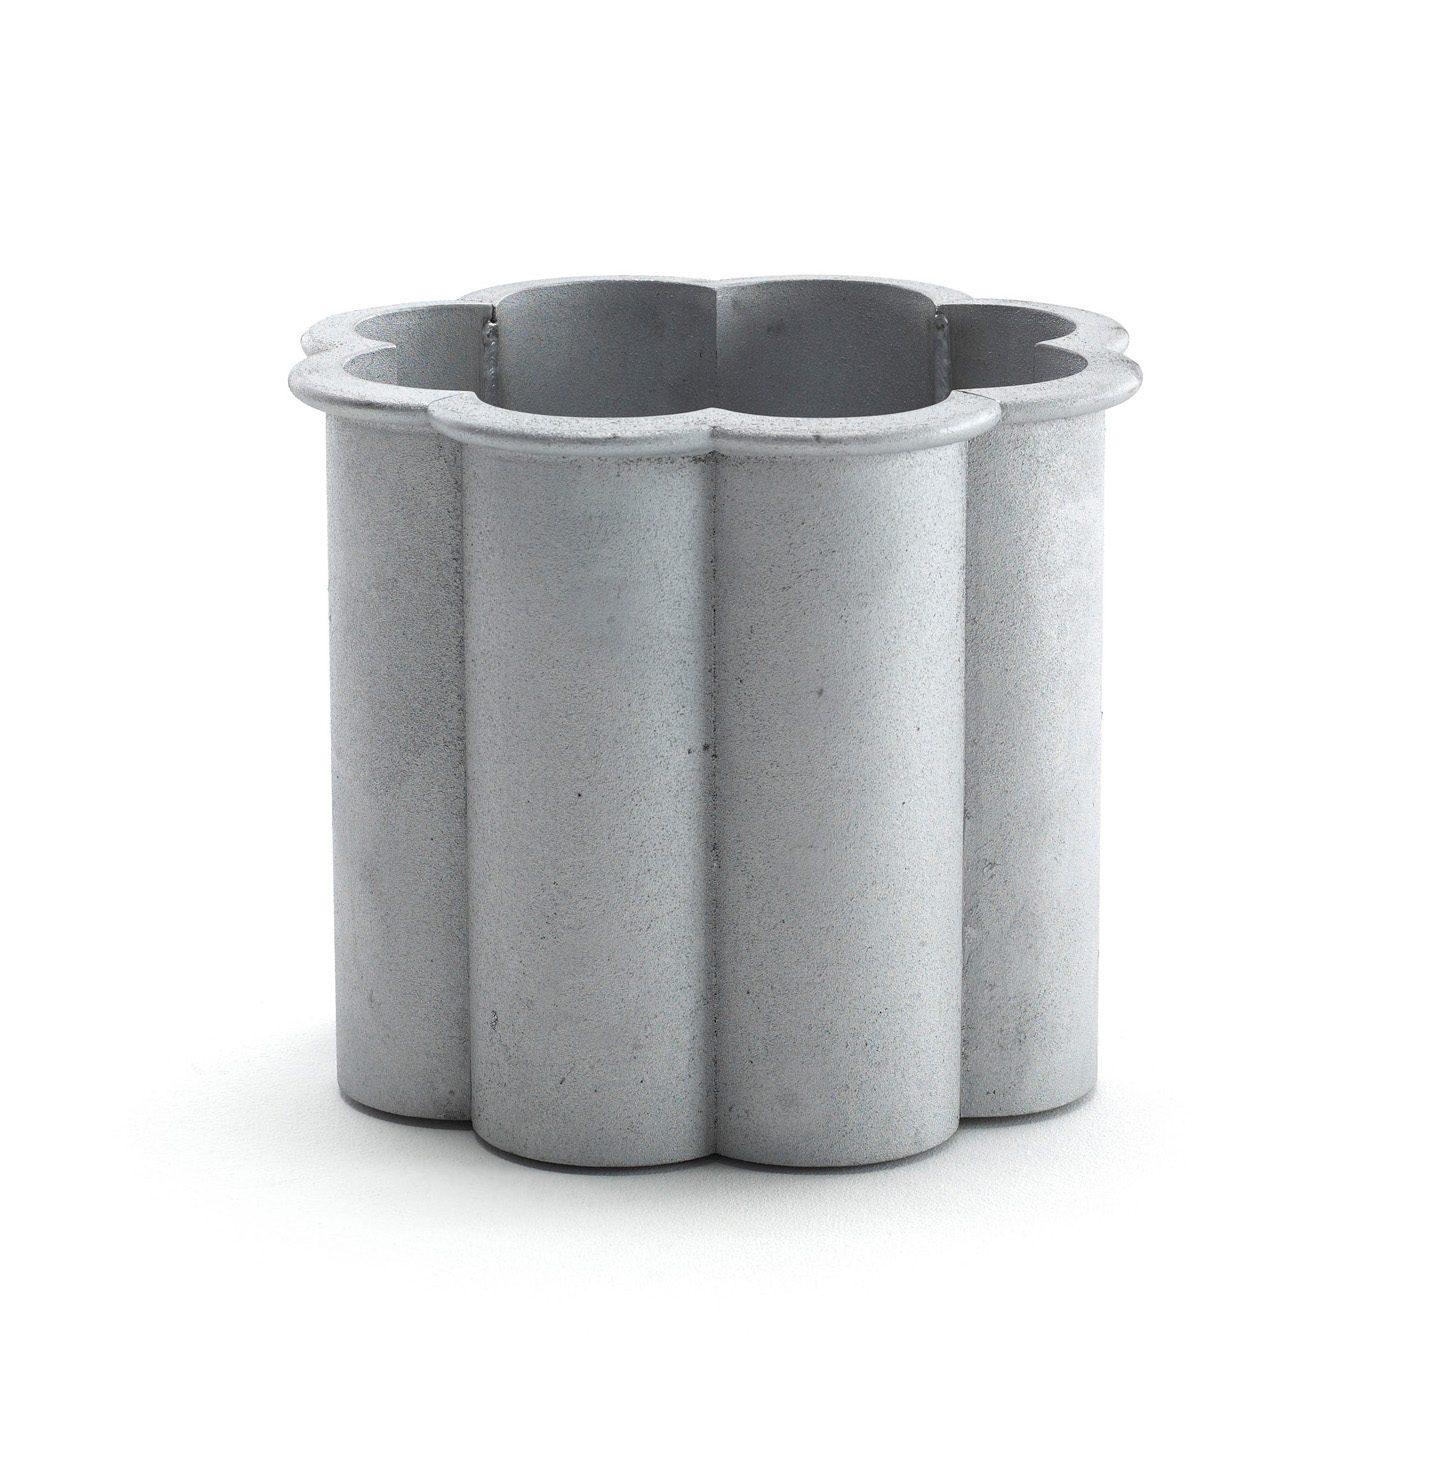 Gråsippa växtkärl no.1 i aluminium från Byarums Bruk.